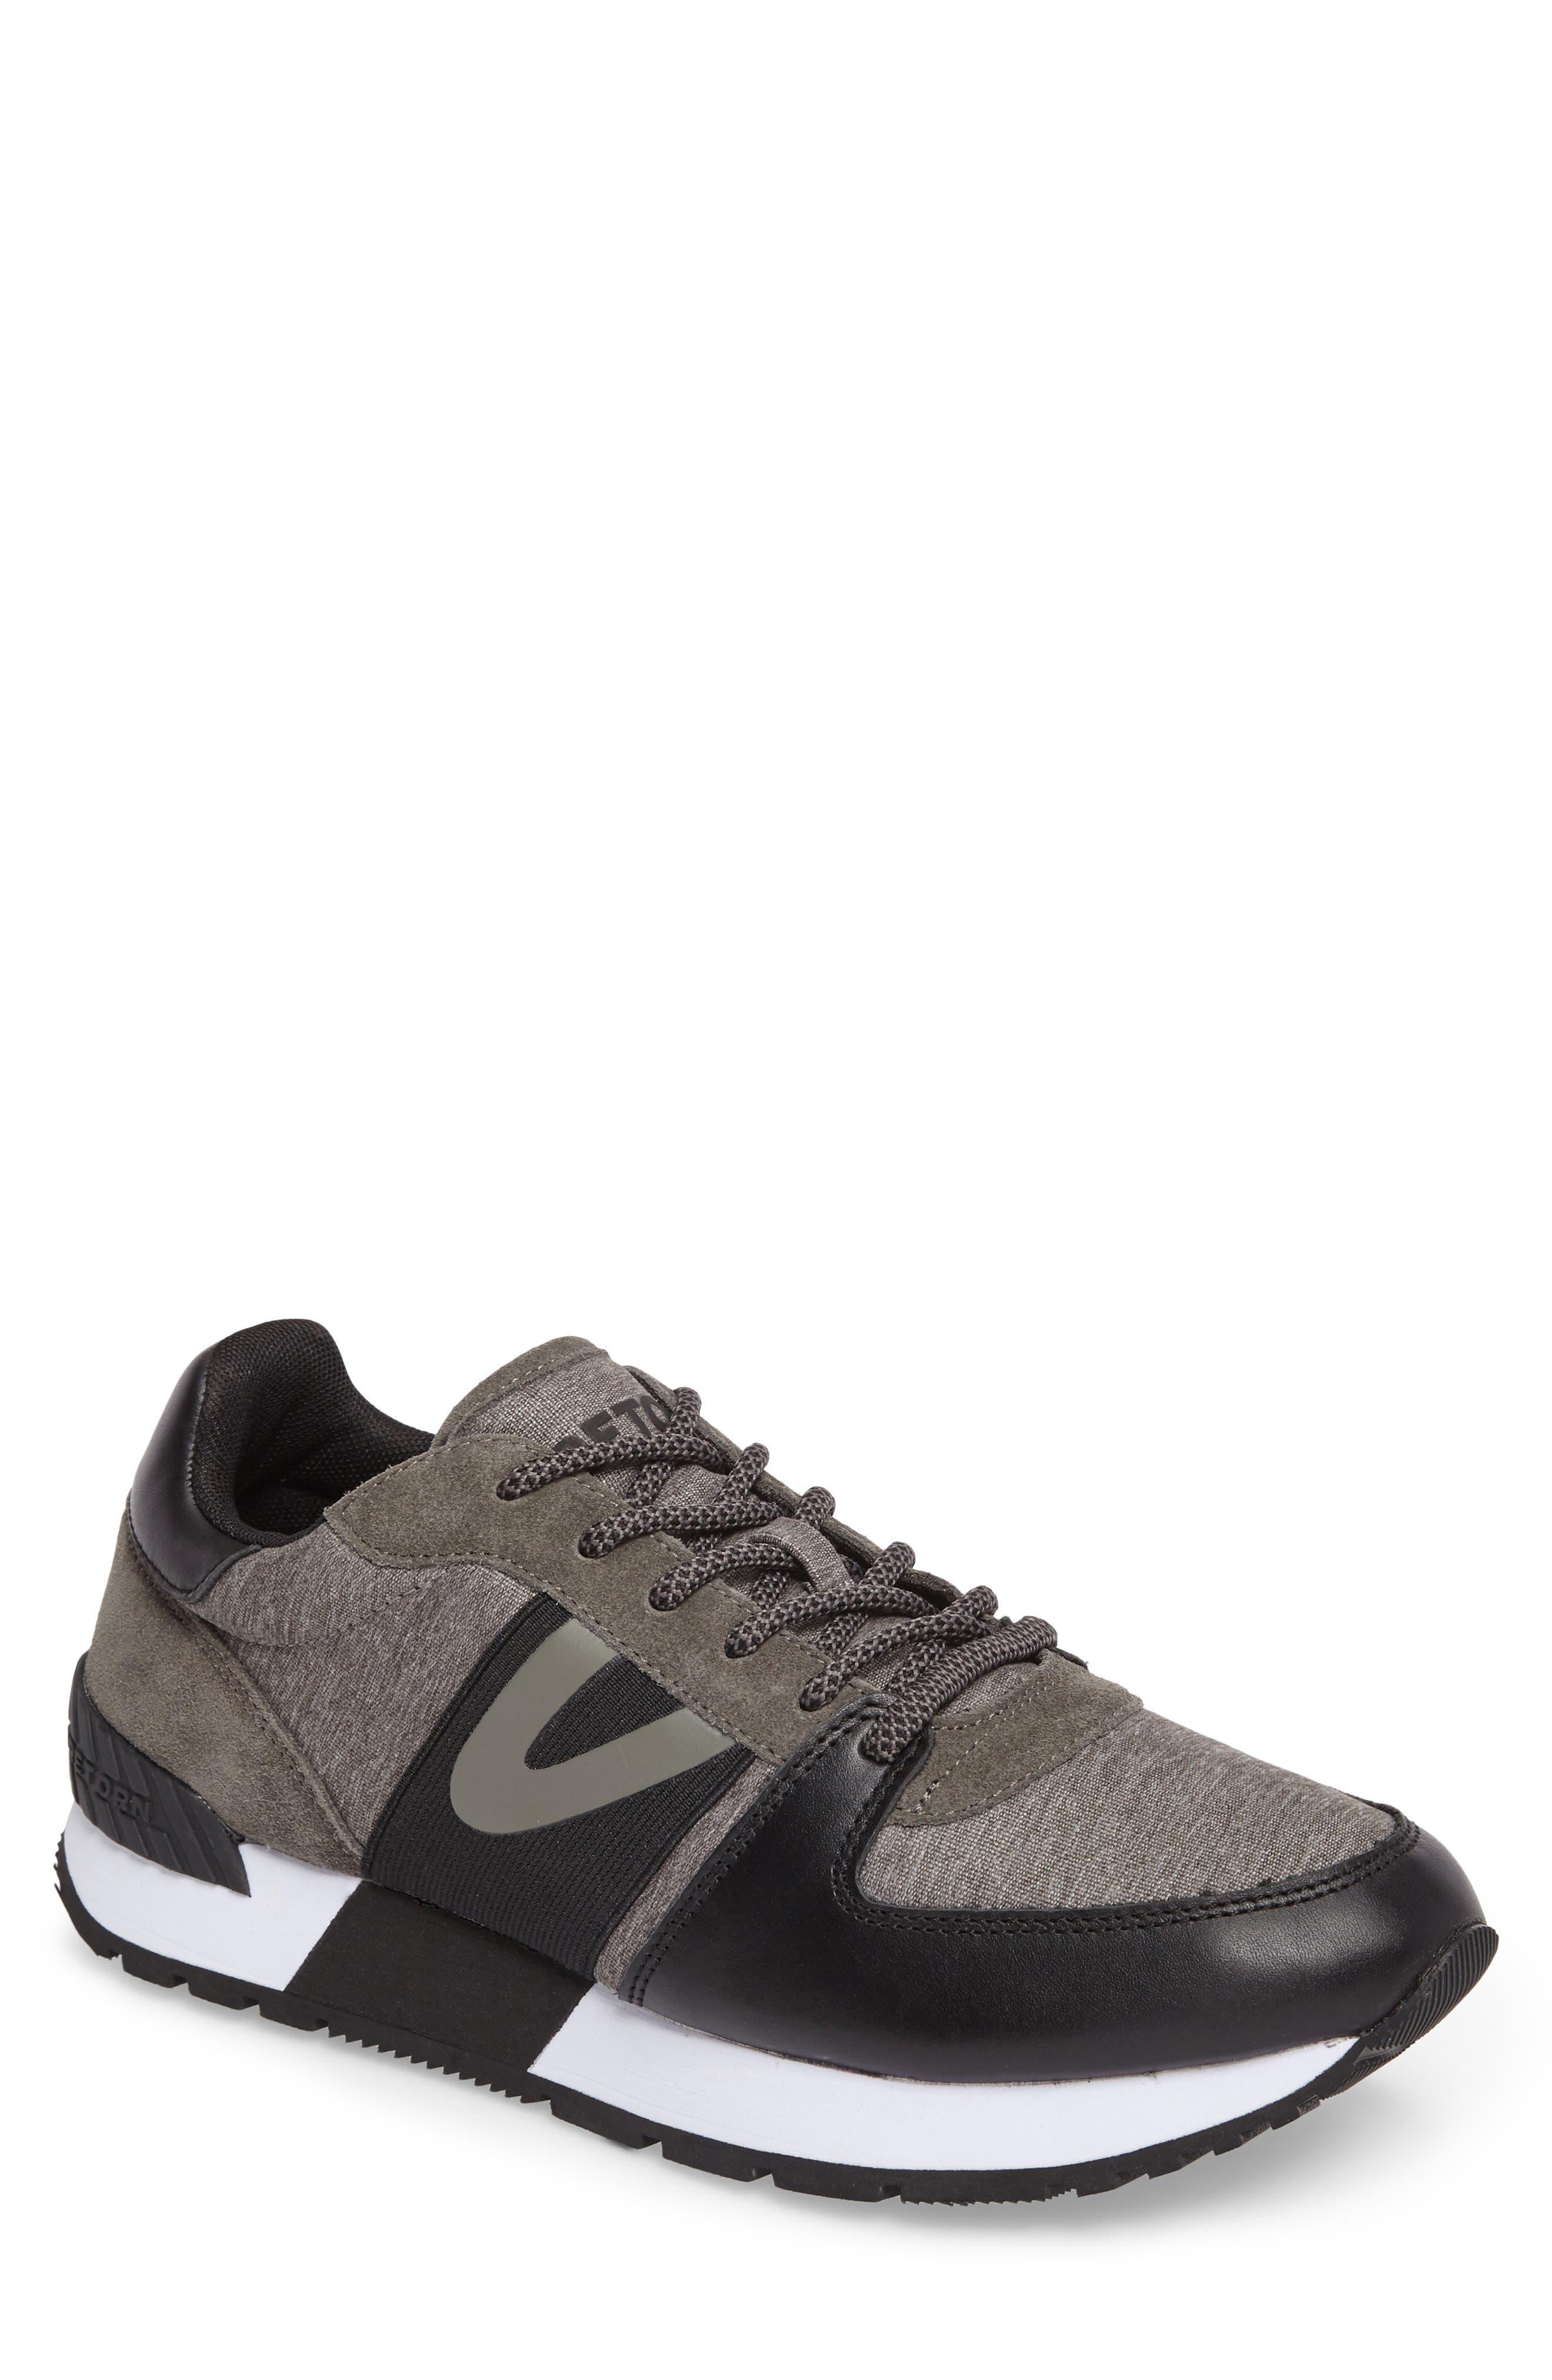 Tretorn Loyola 7 Sneaker (Men)